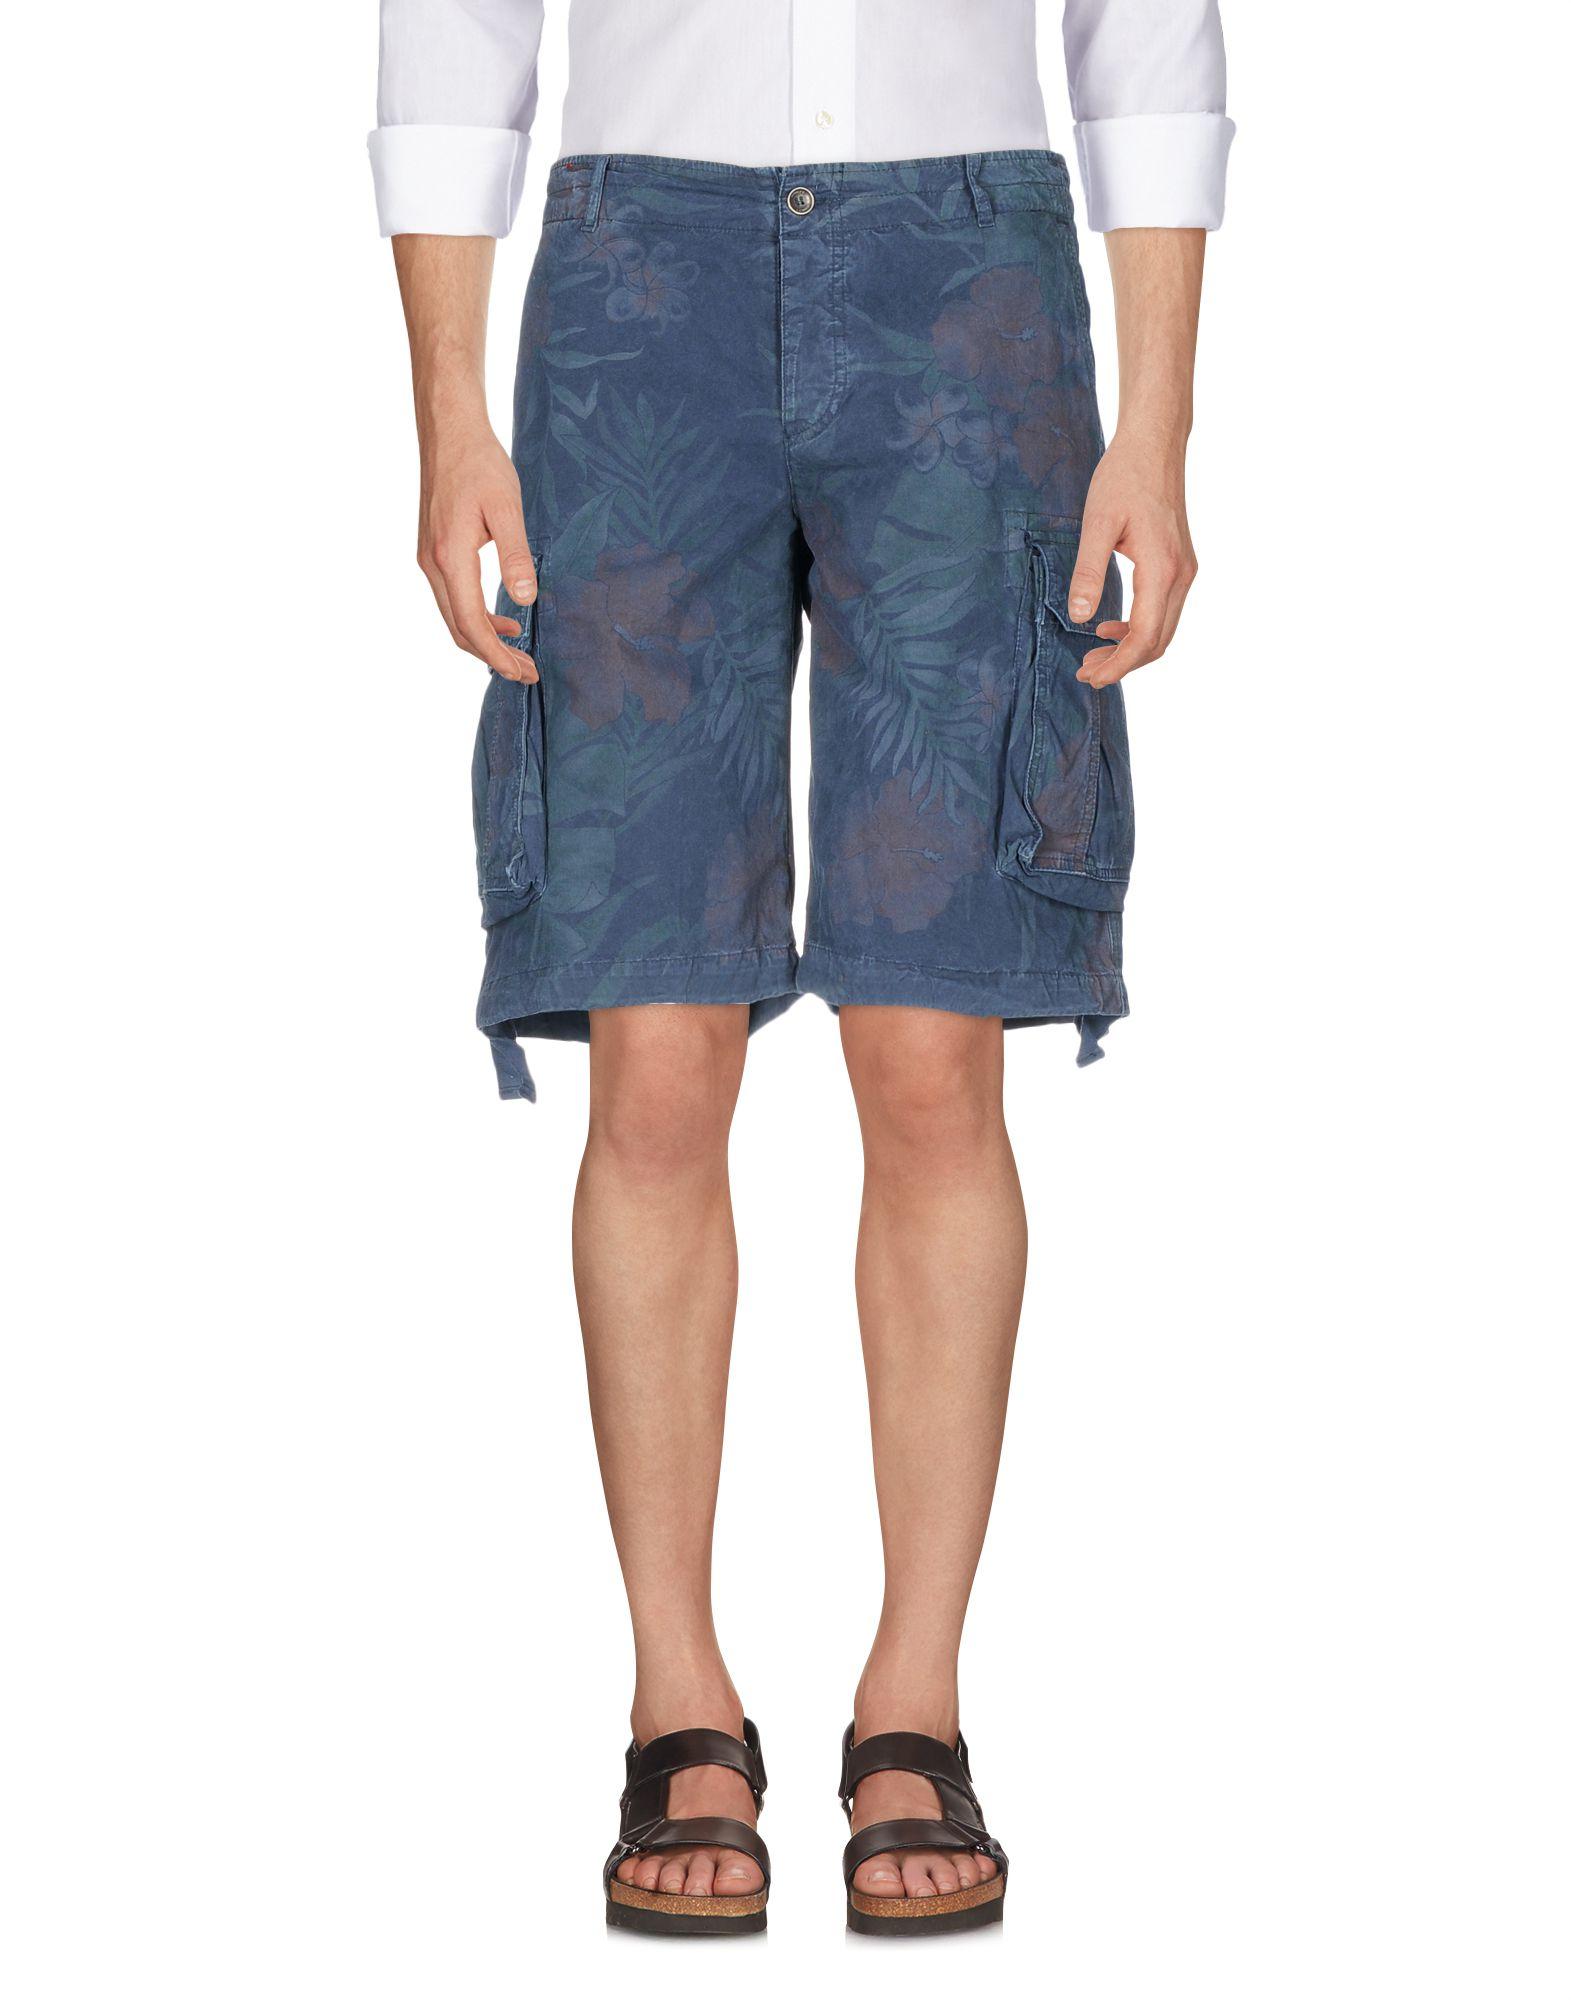 Shorts Bermuda & Bermuda Shorts 40Weft Uomo - 36783408TR c2ecee